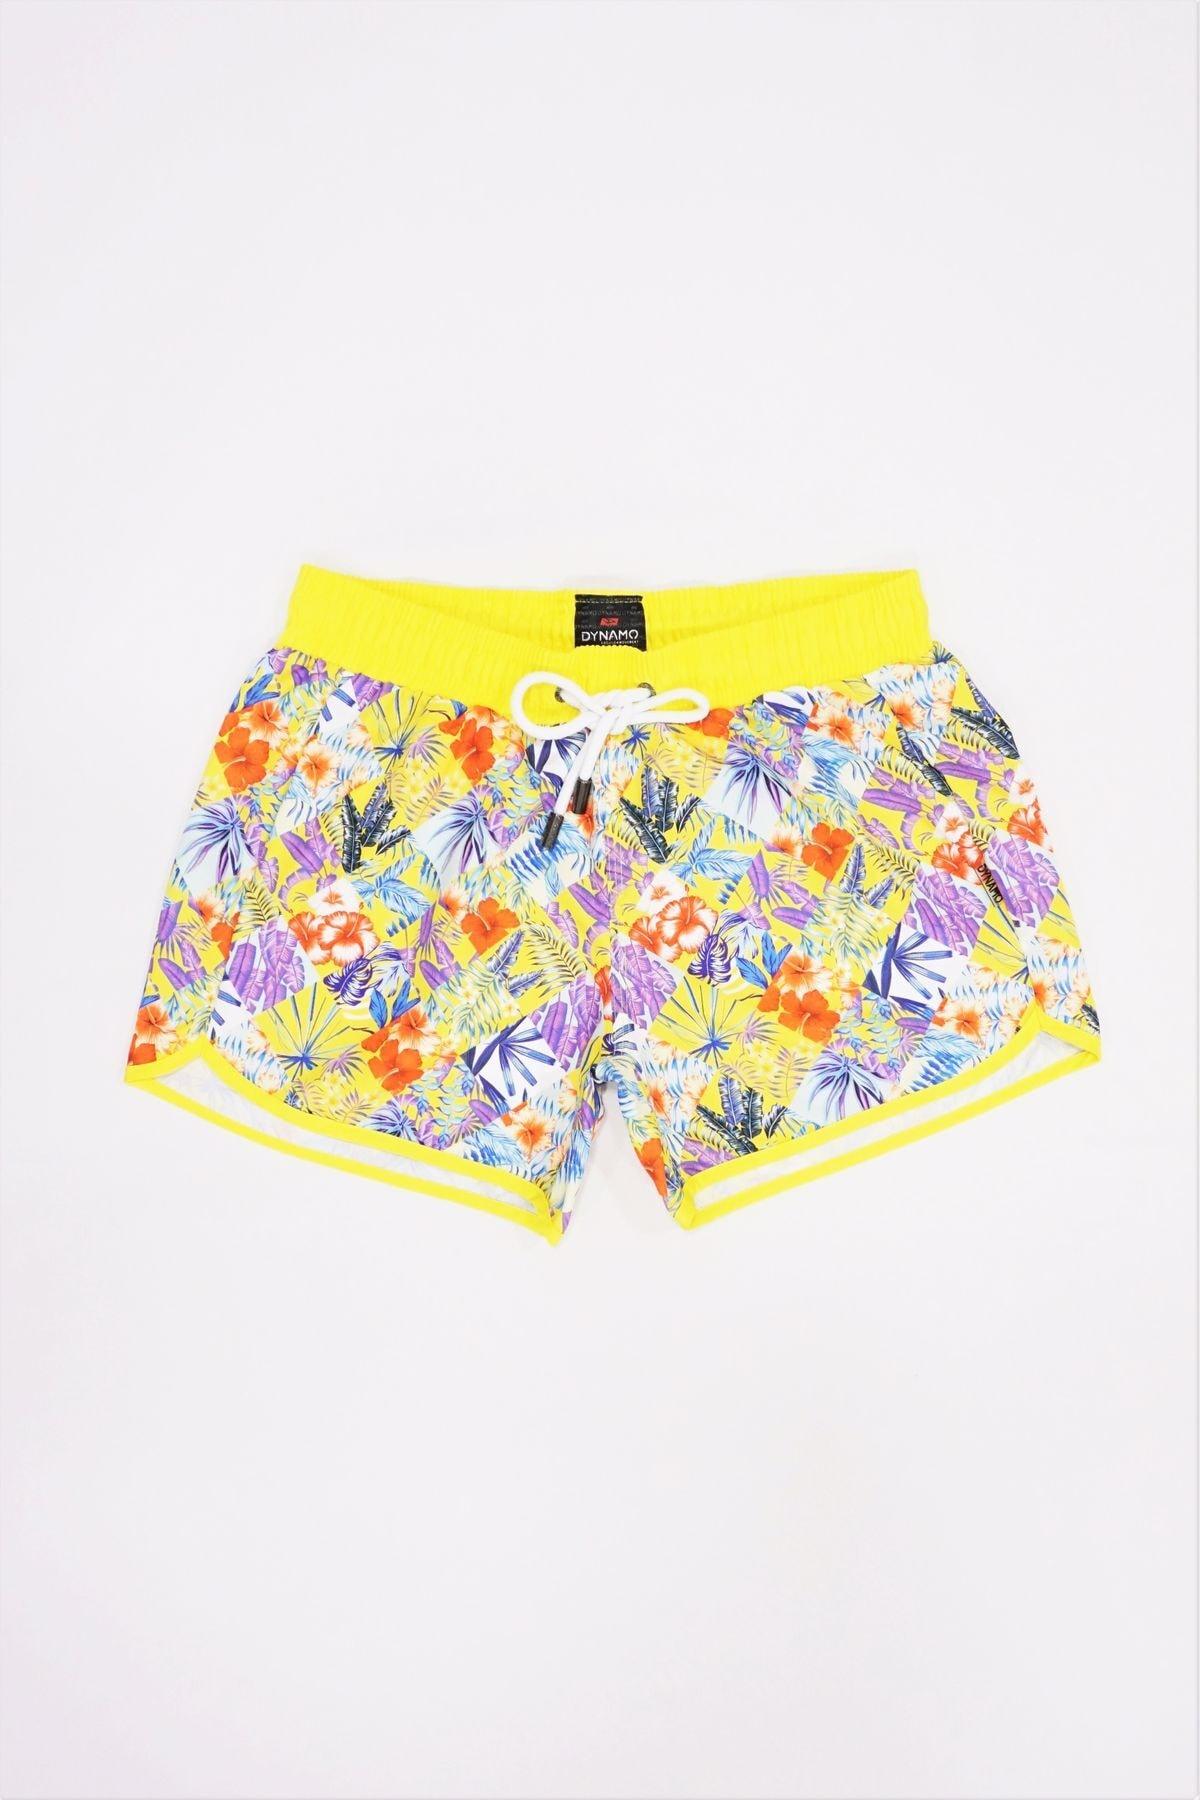 DYNAMO Kadın Sarı Çiçek Desenli Deniz Şortu R3 12021 1